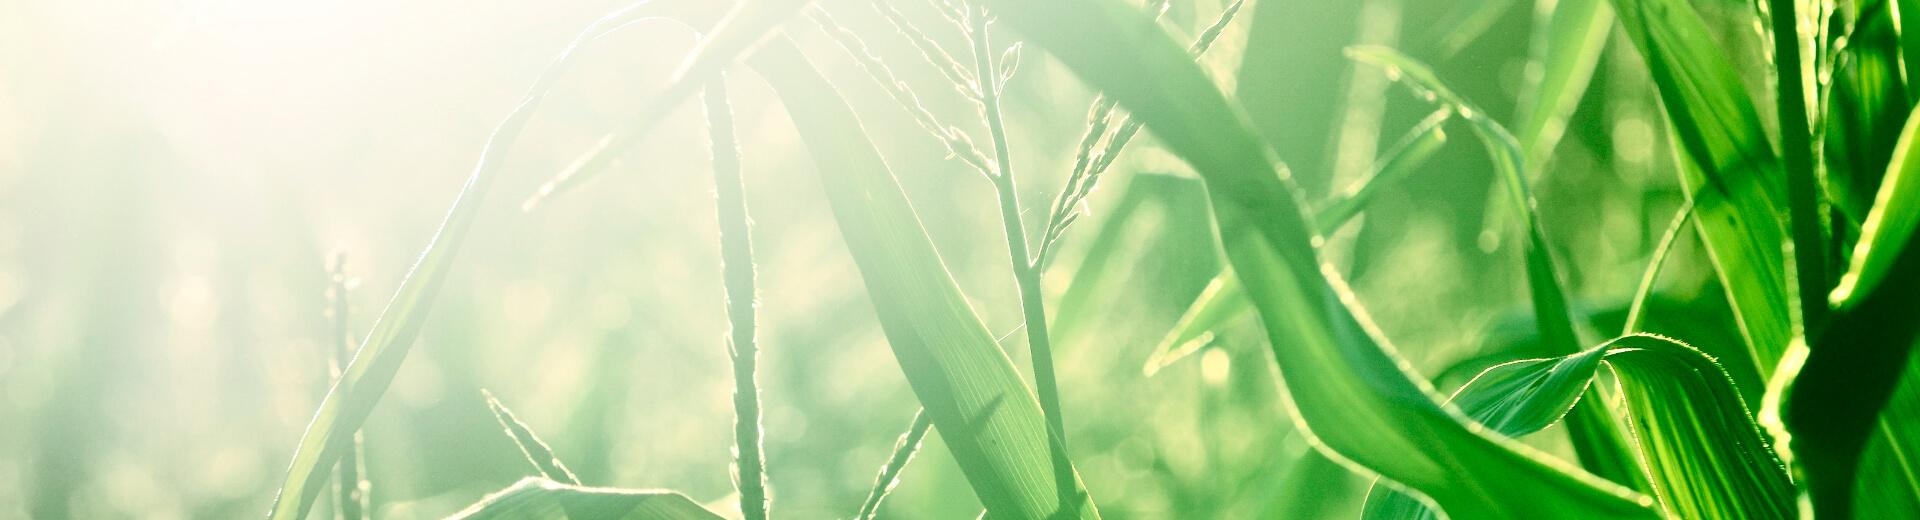 Hybride warmtepompen uitgelicht